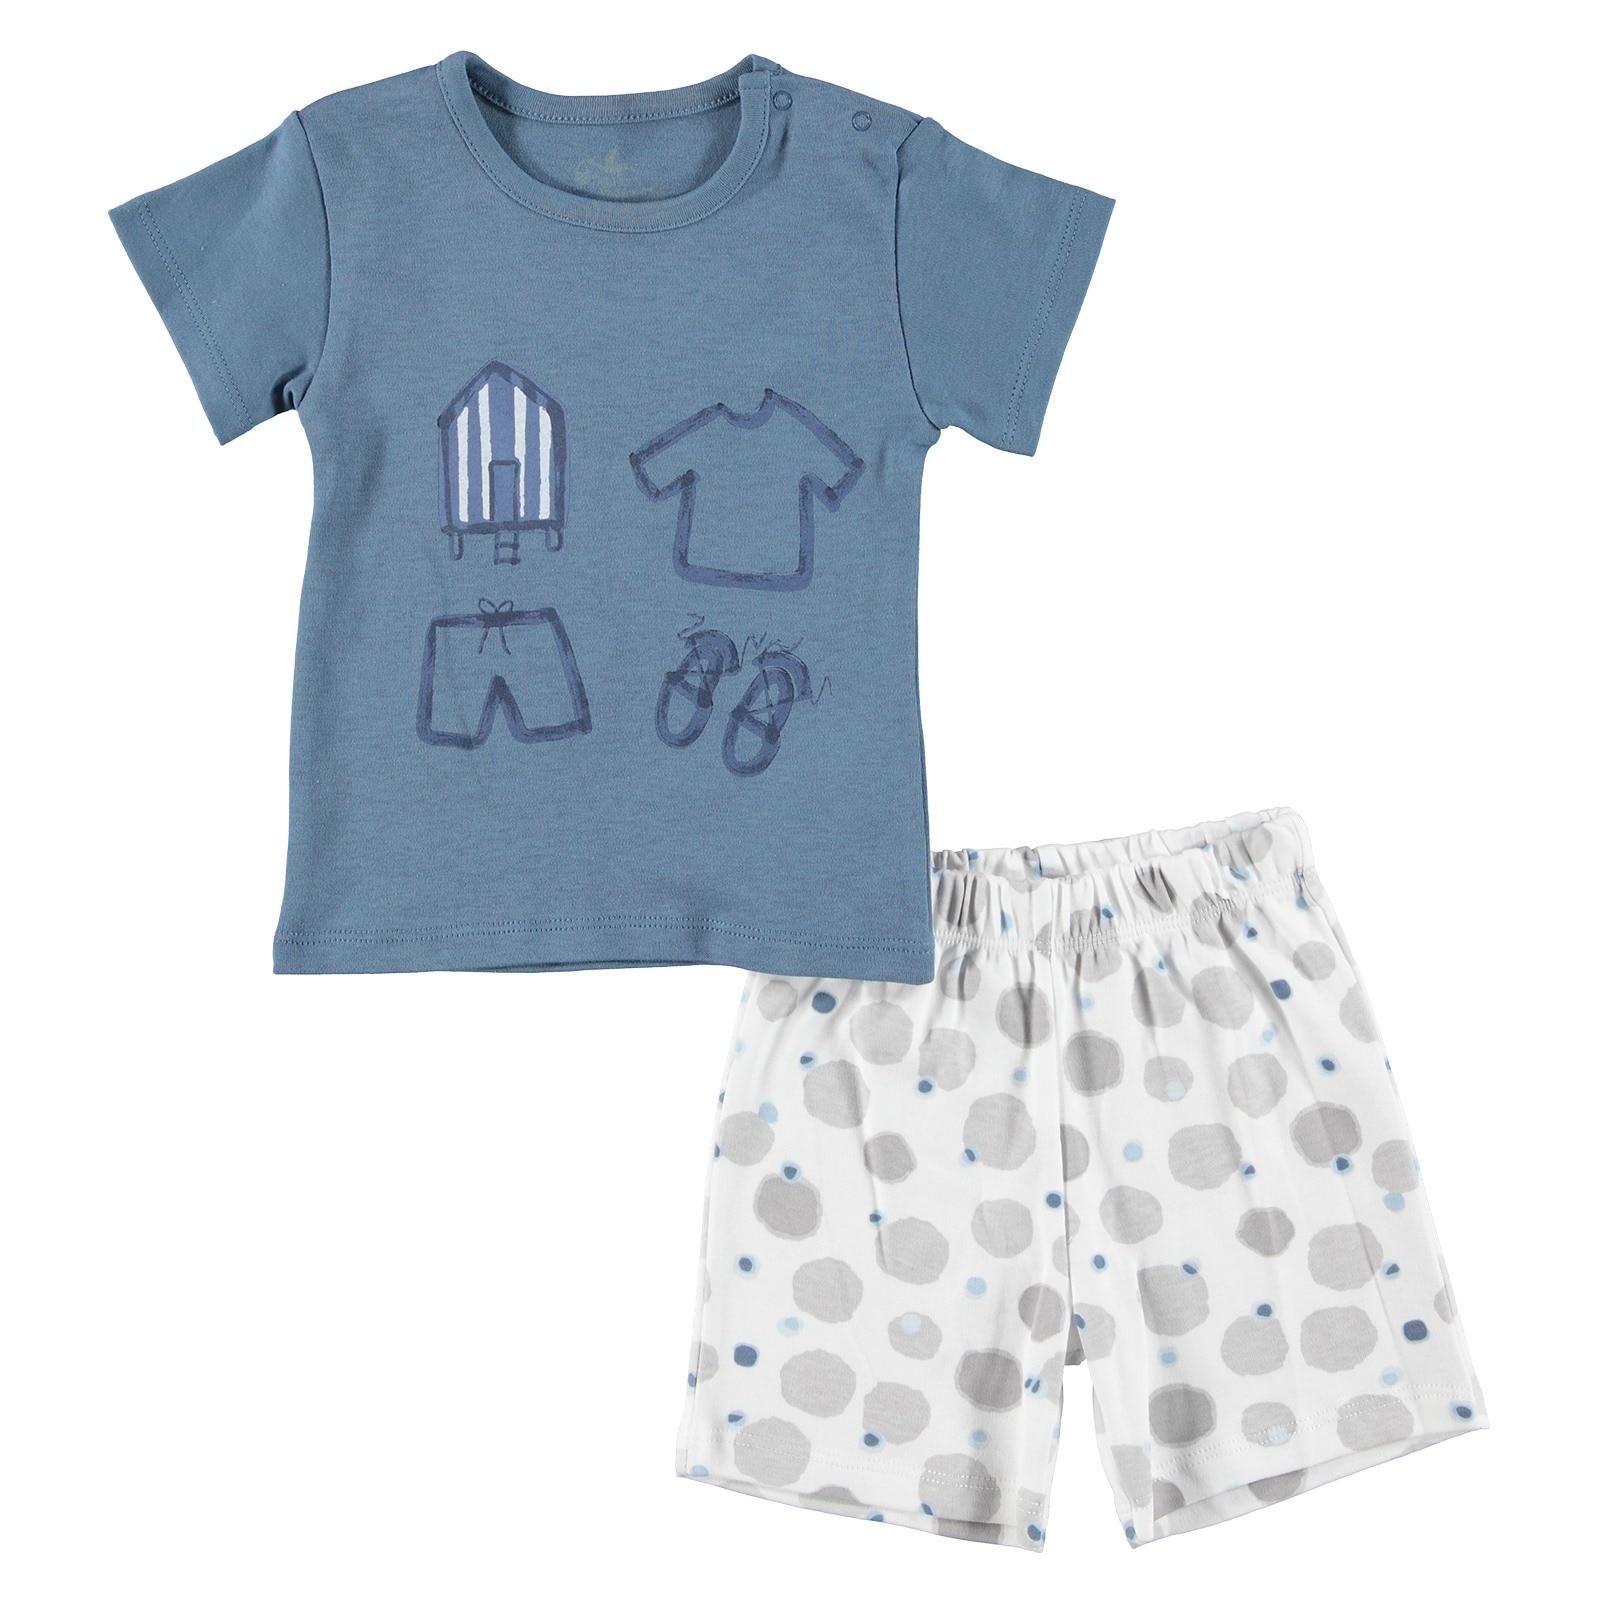 Newborn Fashion Club Mediterranean Spirit Baby Pyjamas Set